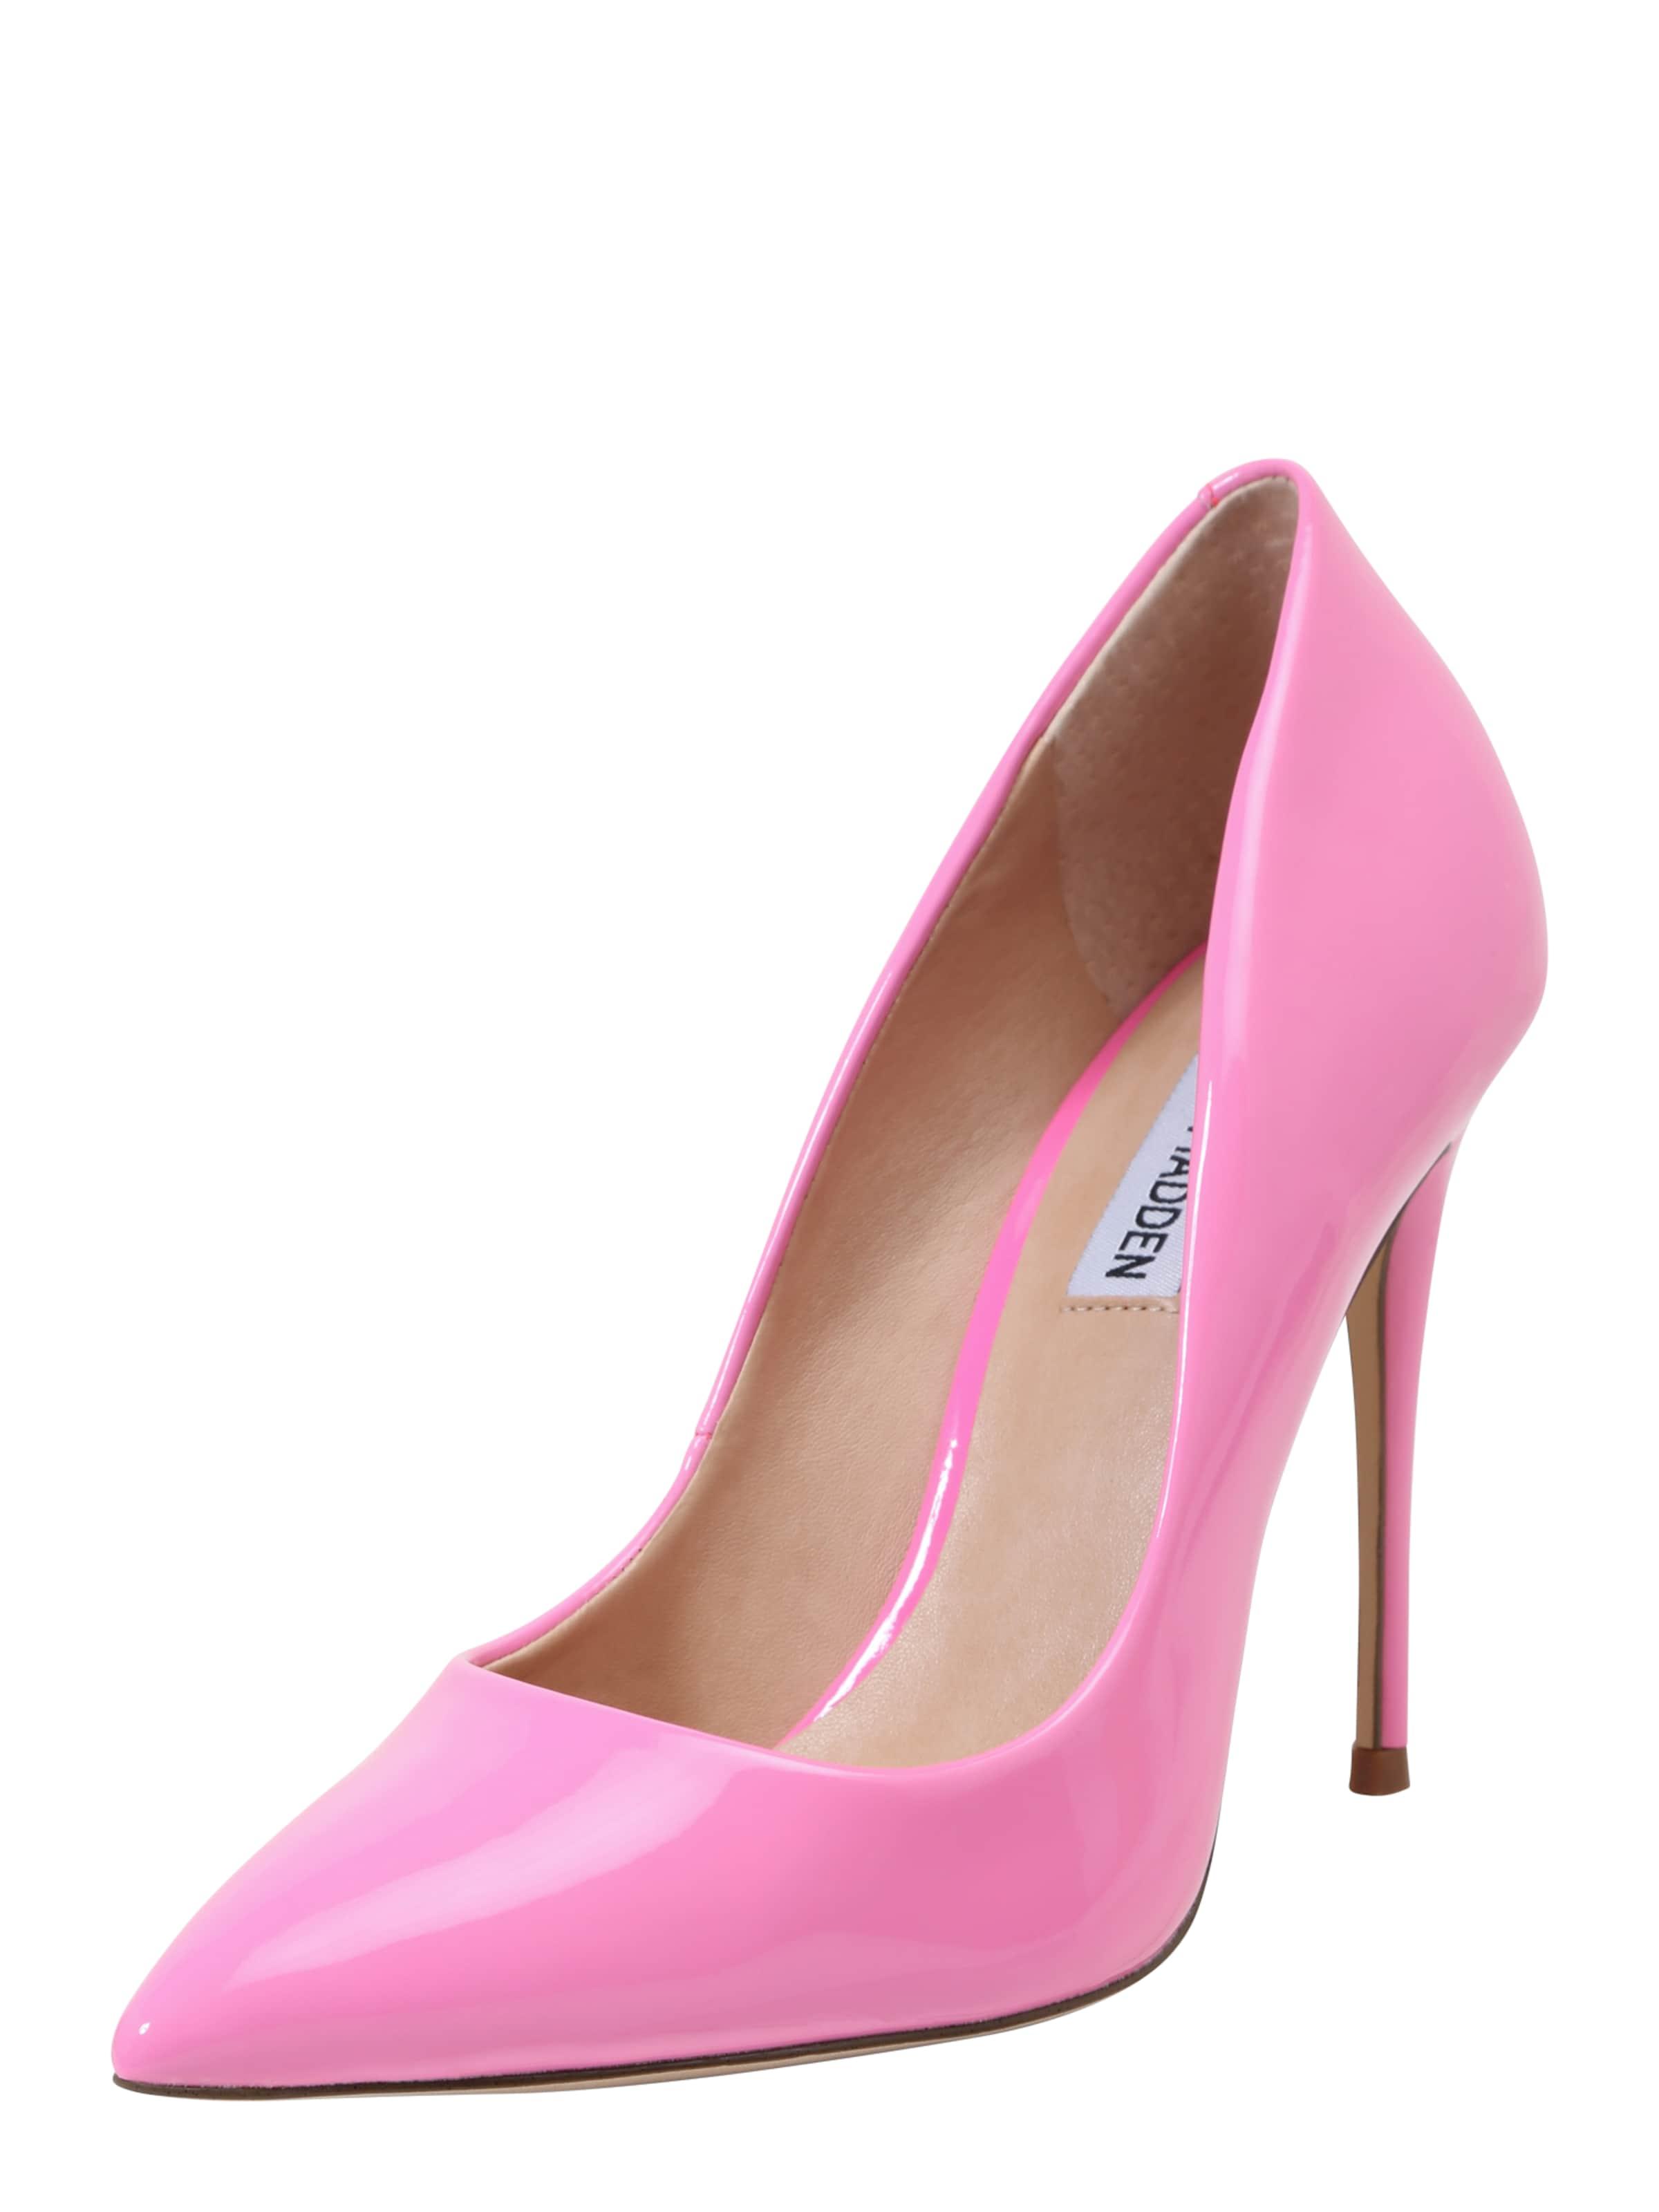 Haltbare Mode | billige Schuhe STEVE MADDEN | Mode Pumps 'DAISIE' Schuhe Gut getragene Schuhe ea005b